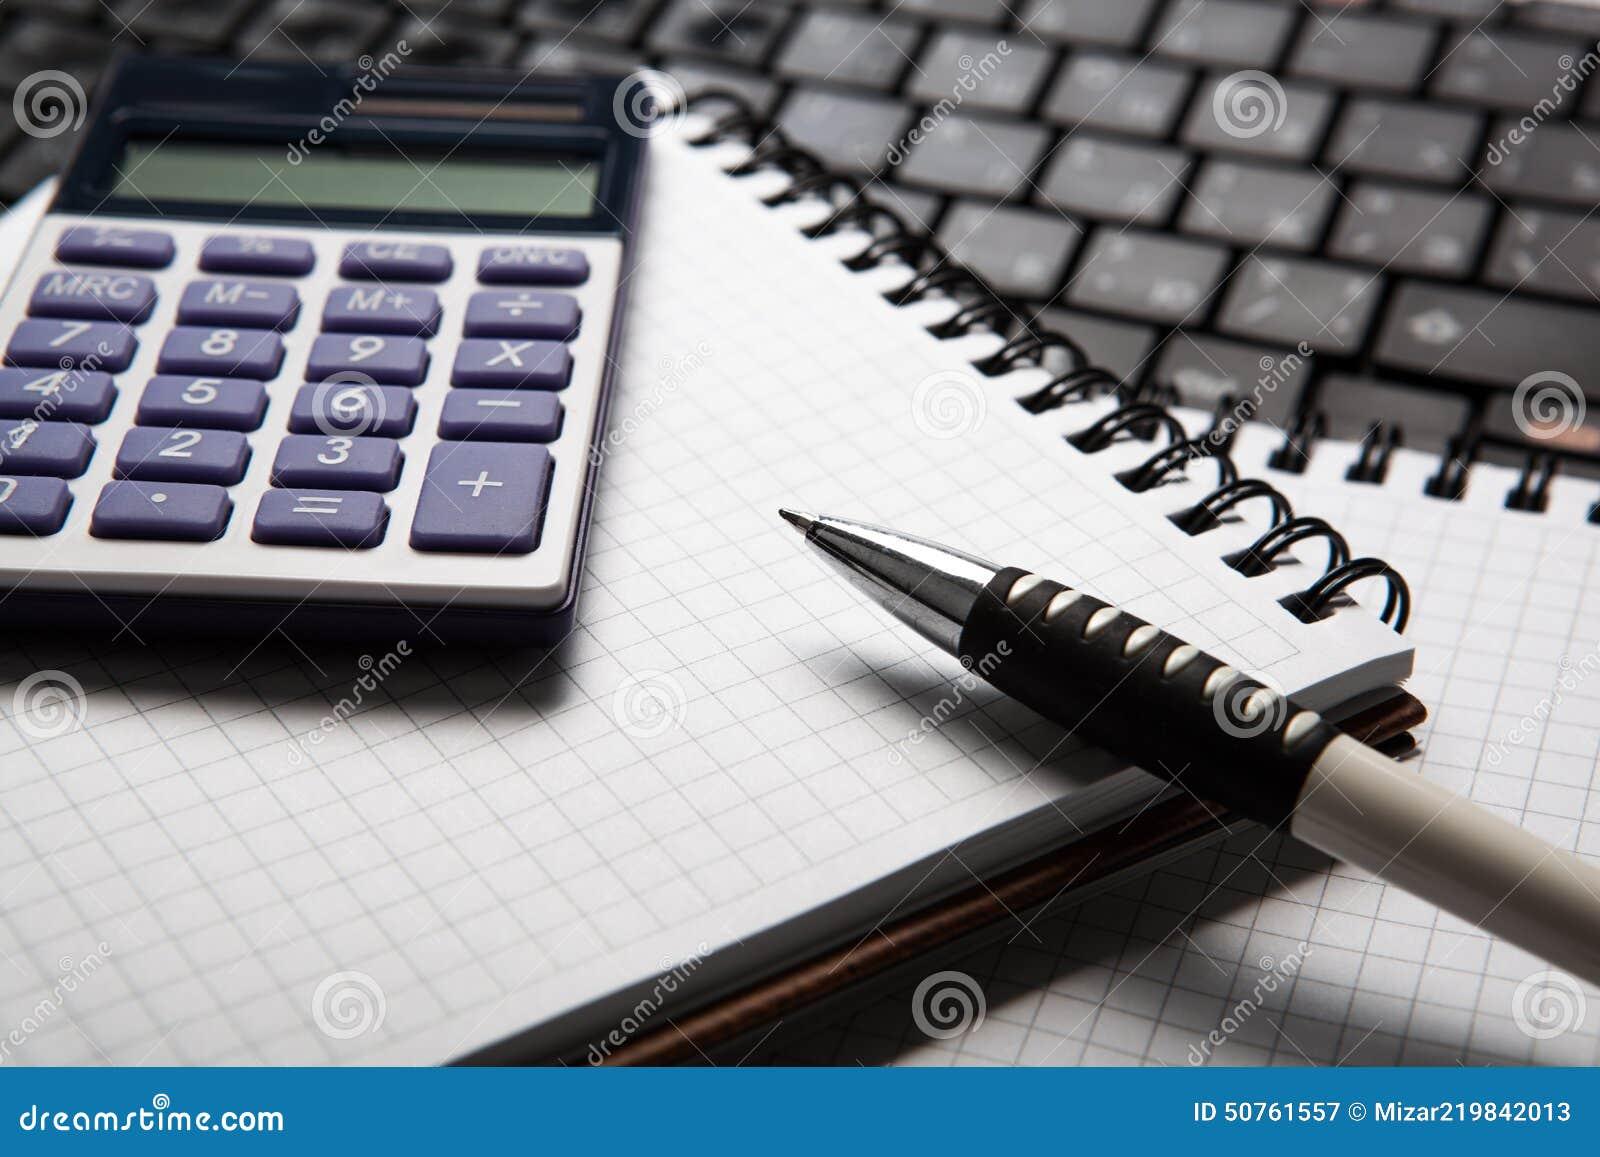 Ручка с калькулятором на тетради и клавиатуре